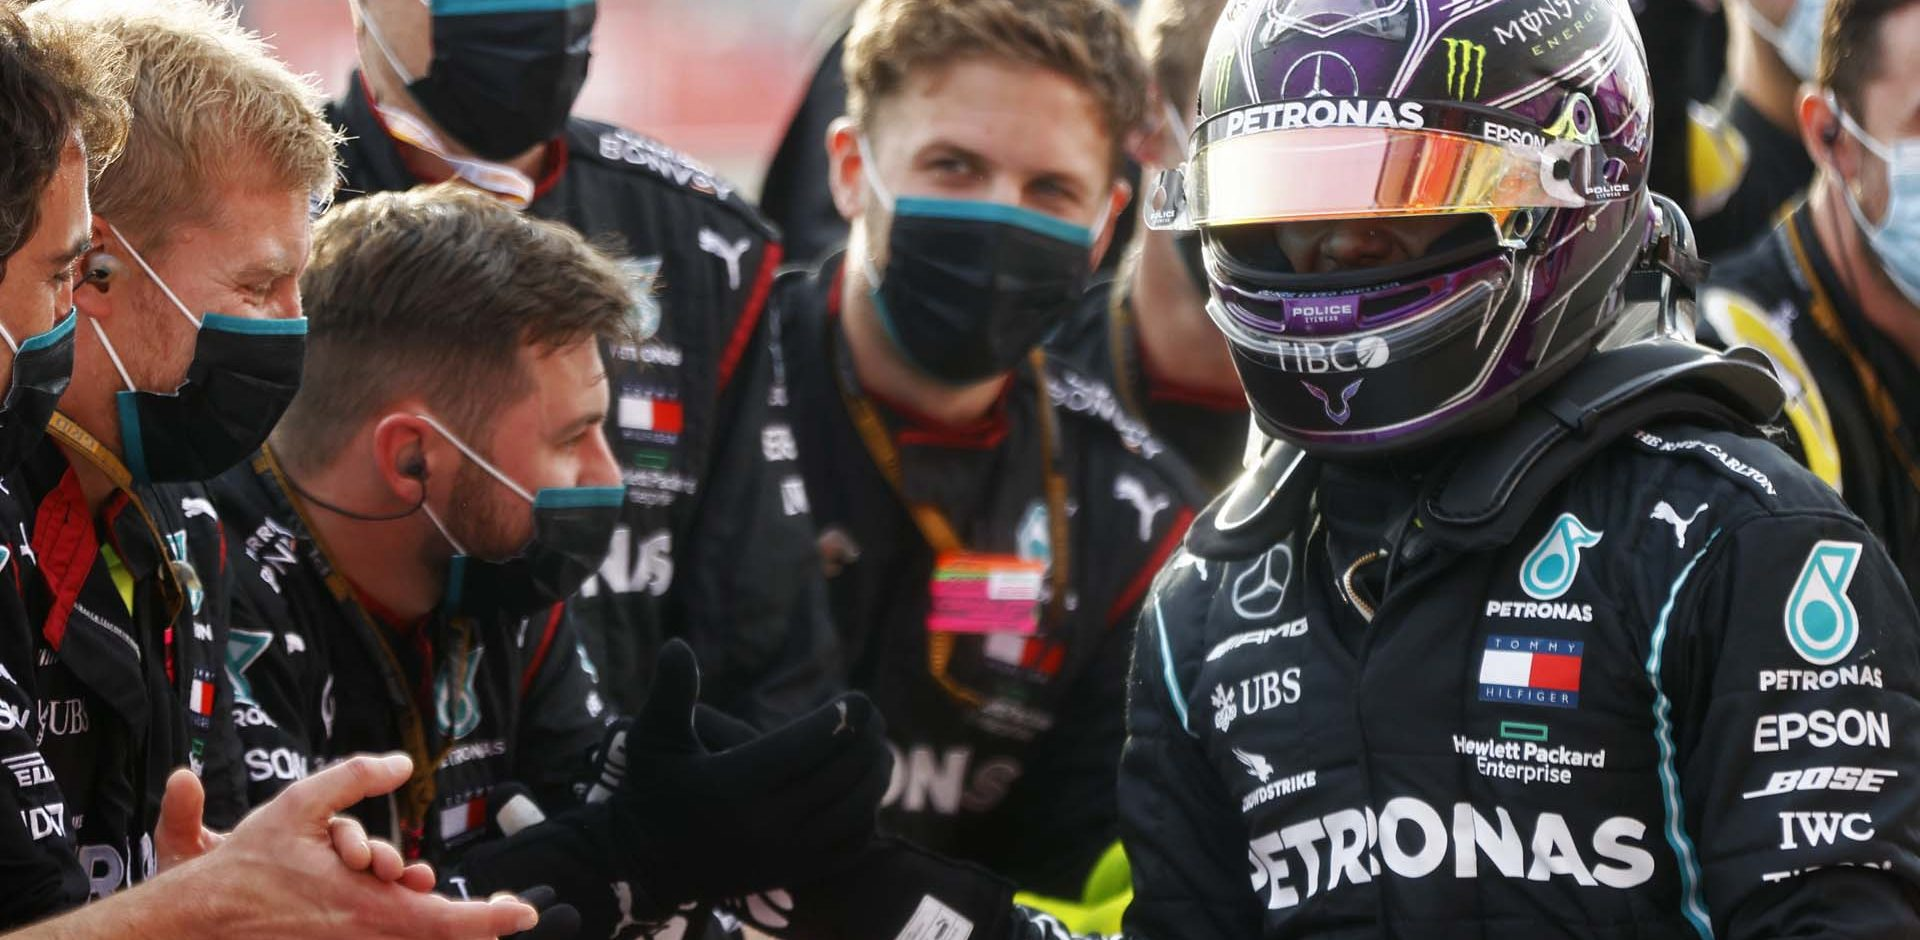 2020 Emilia Romagna Grand Prix, Sunday - LAT images Lewis Hamilton Mercedes